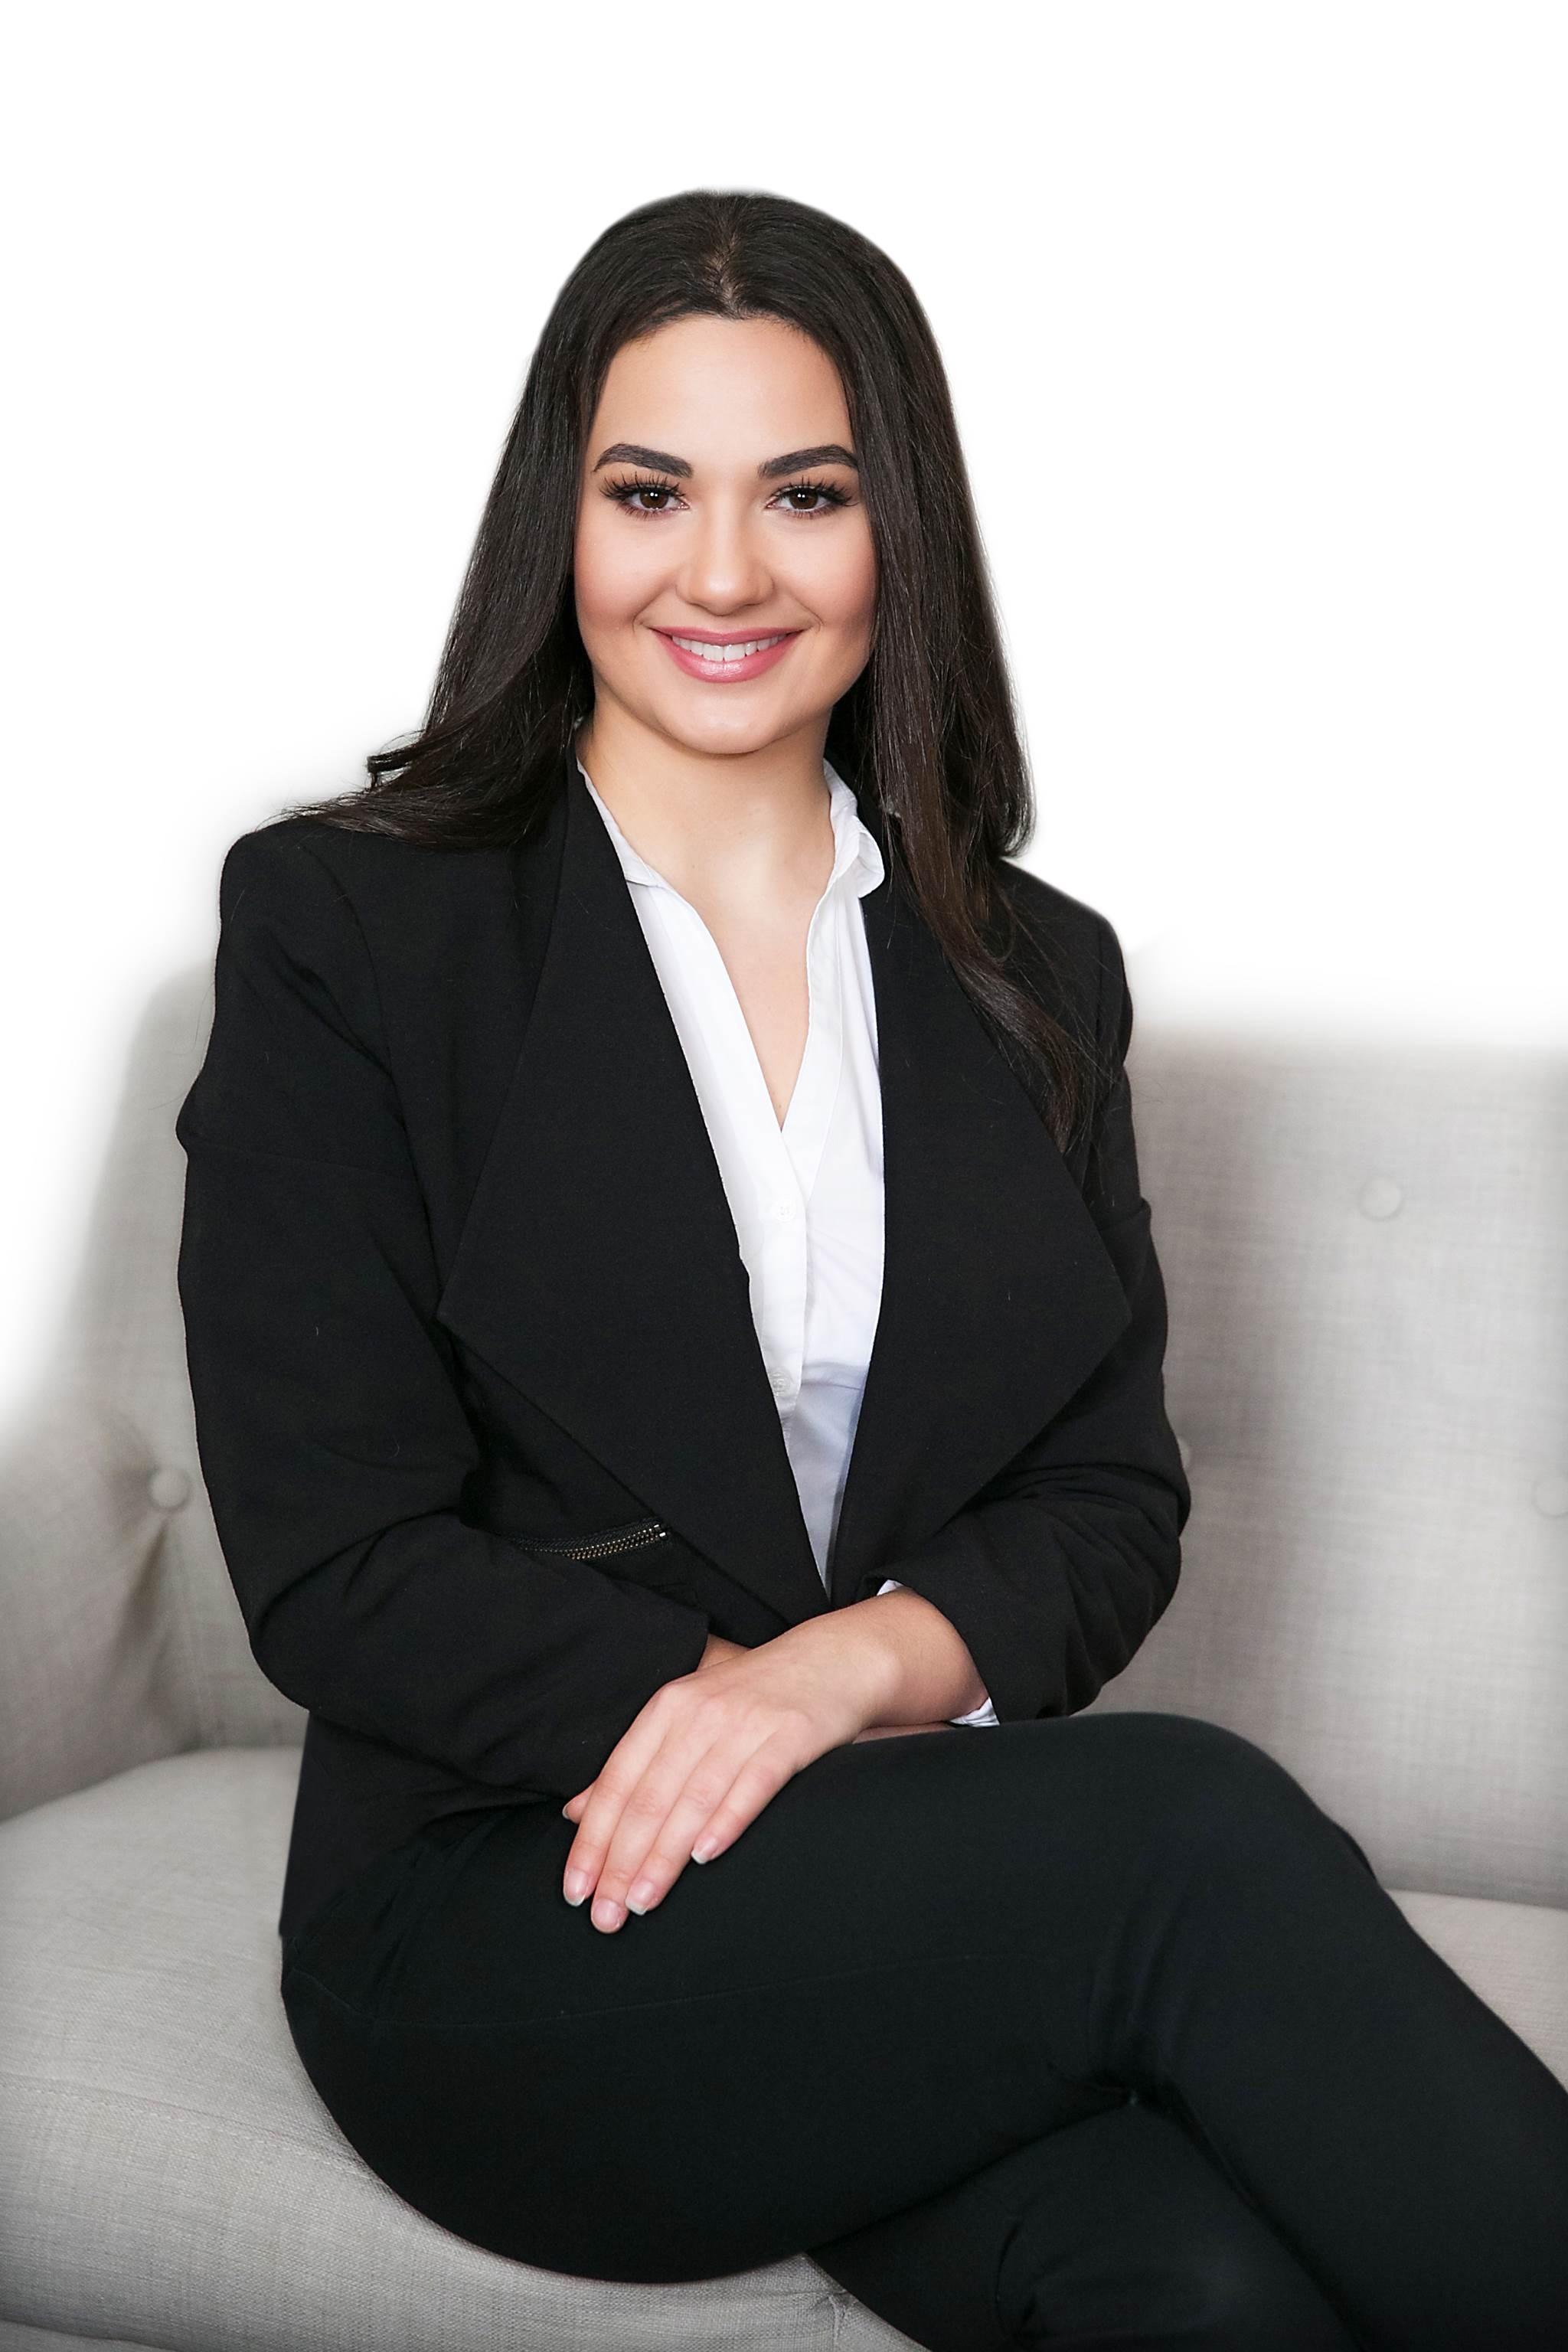 Lea Karageorge